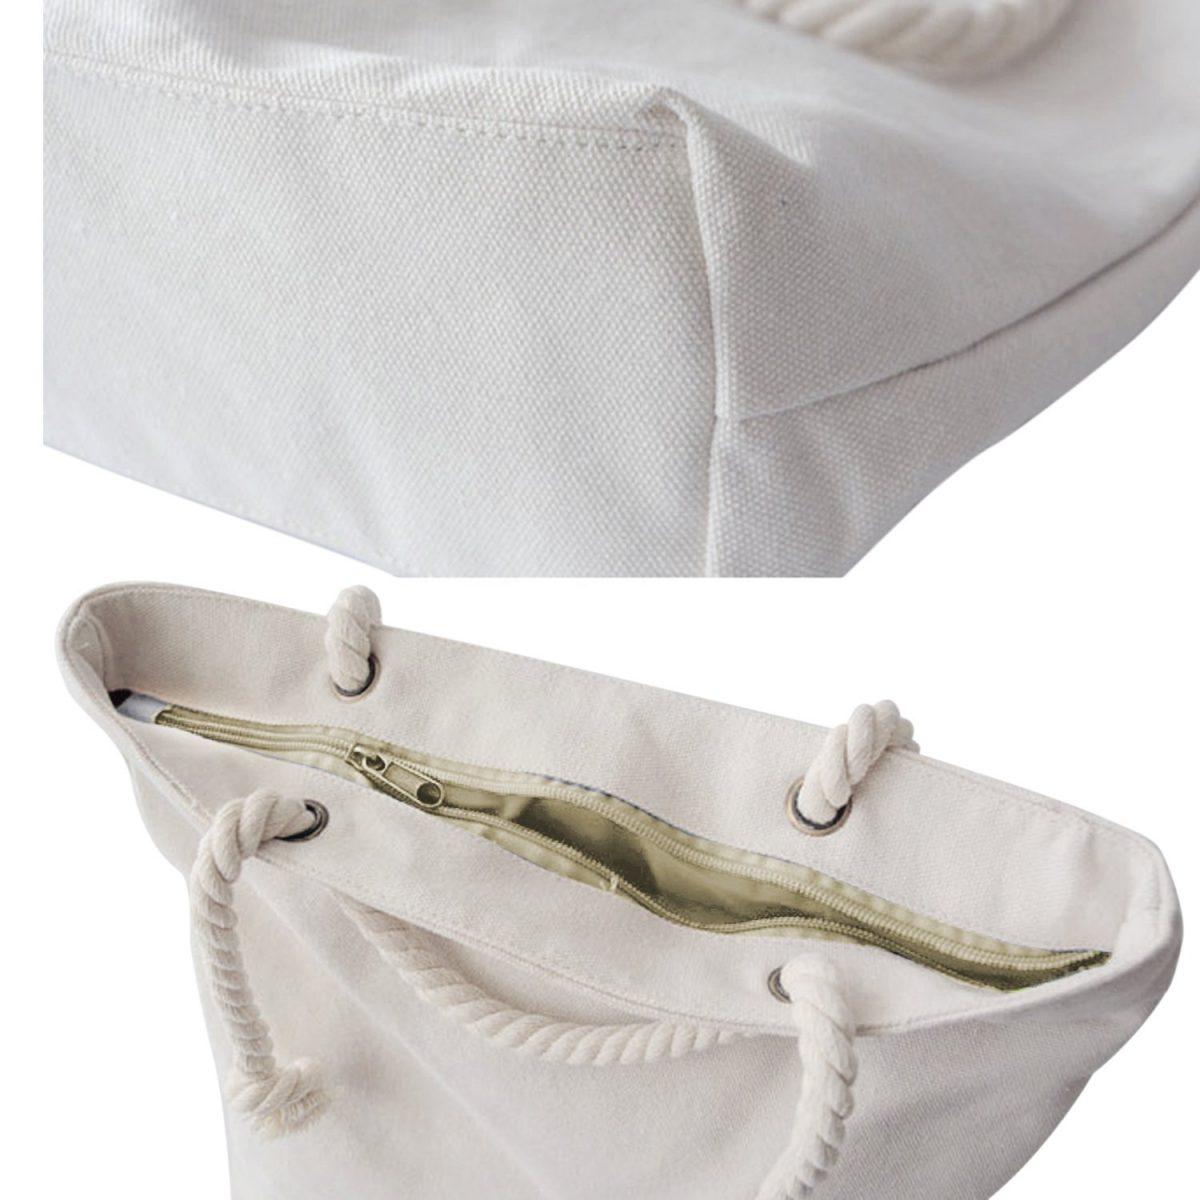 Try Me Pop Art Özel Tasarımlı Dijital Baskılı Fermuarlı Kumaş Çanta Realhomes